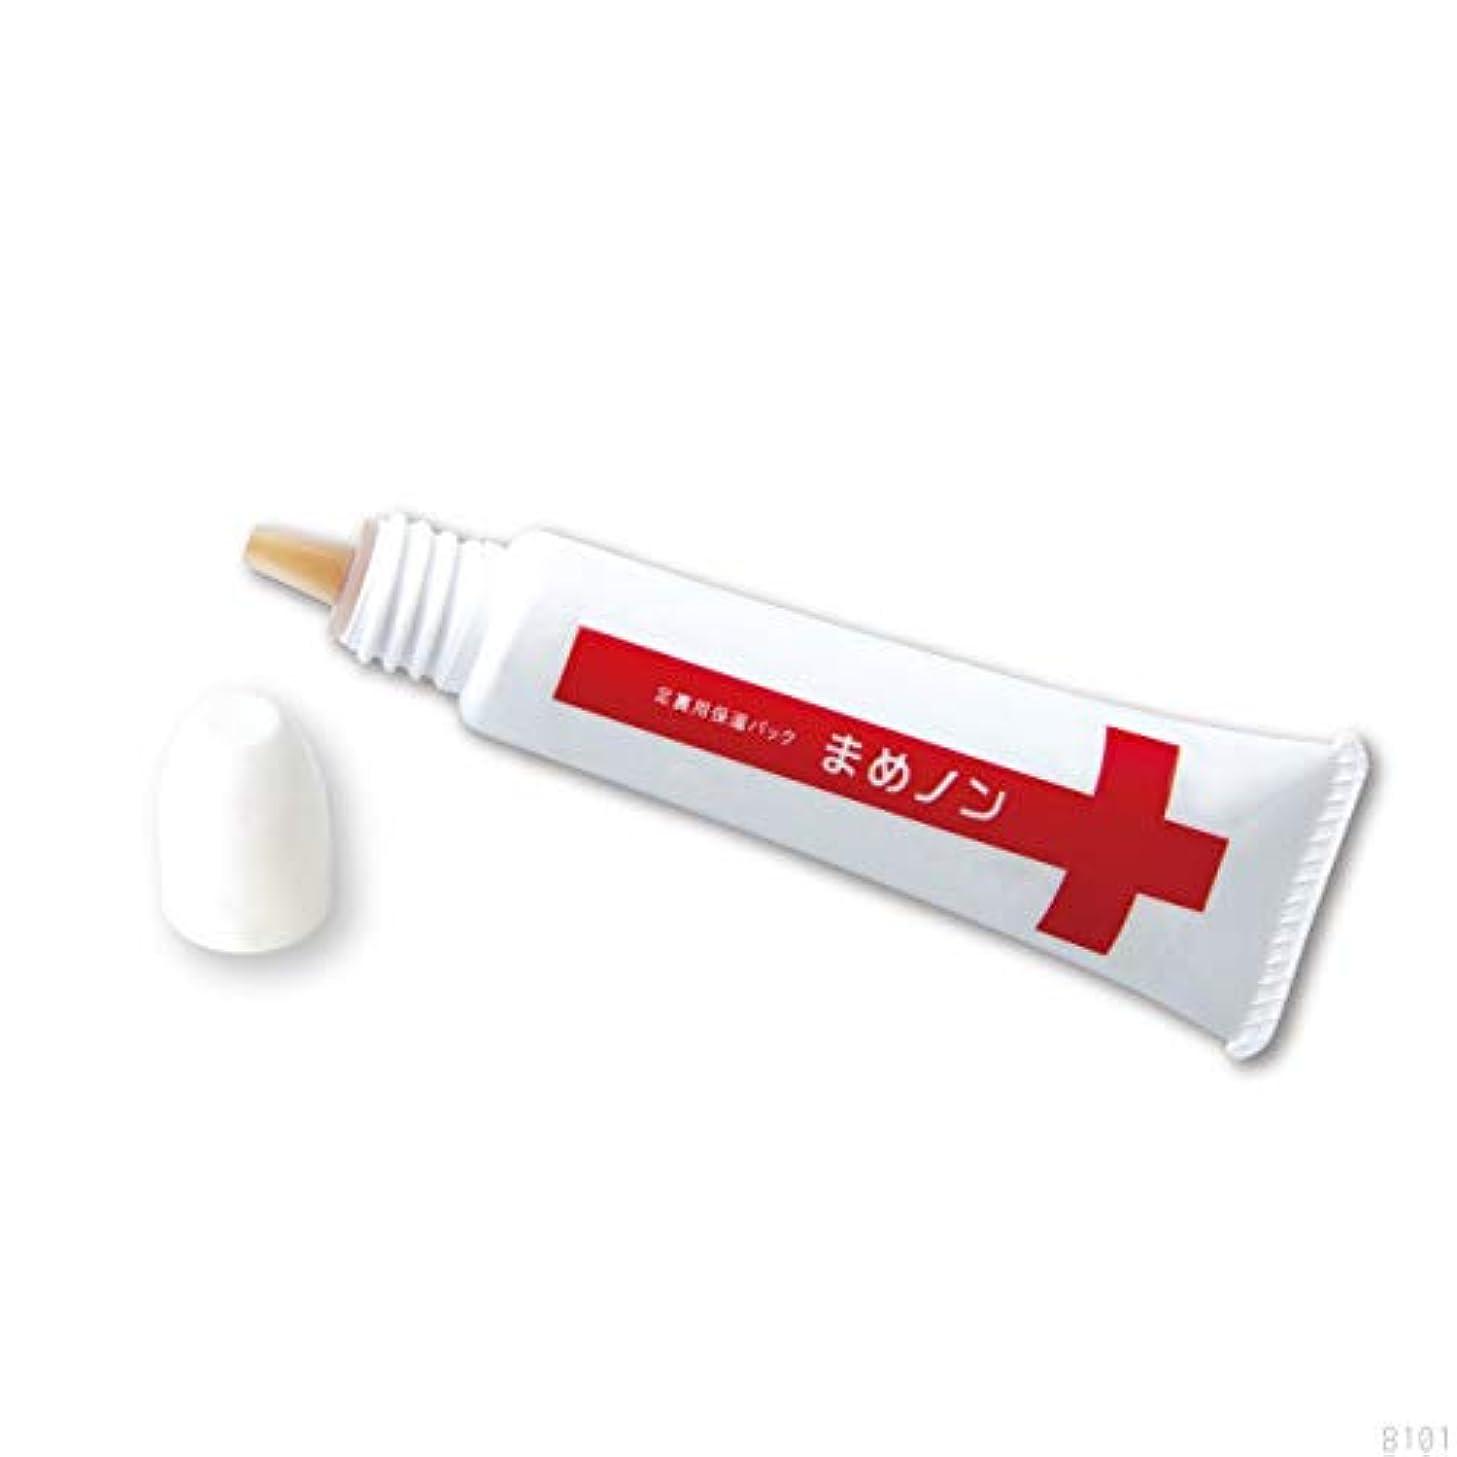 予防接種調査シルクまめノン 0070-2248